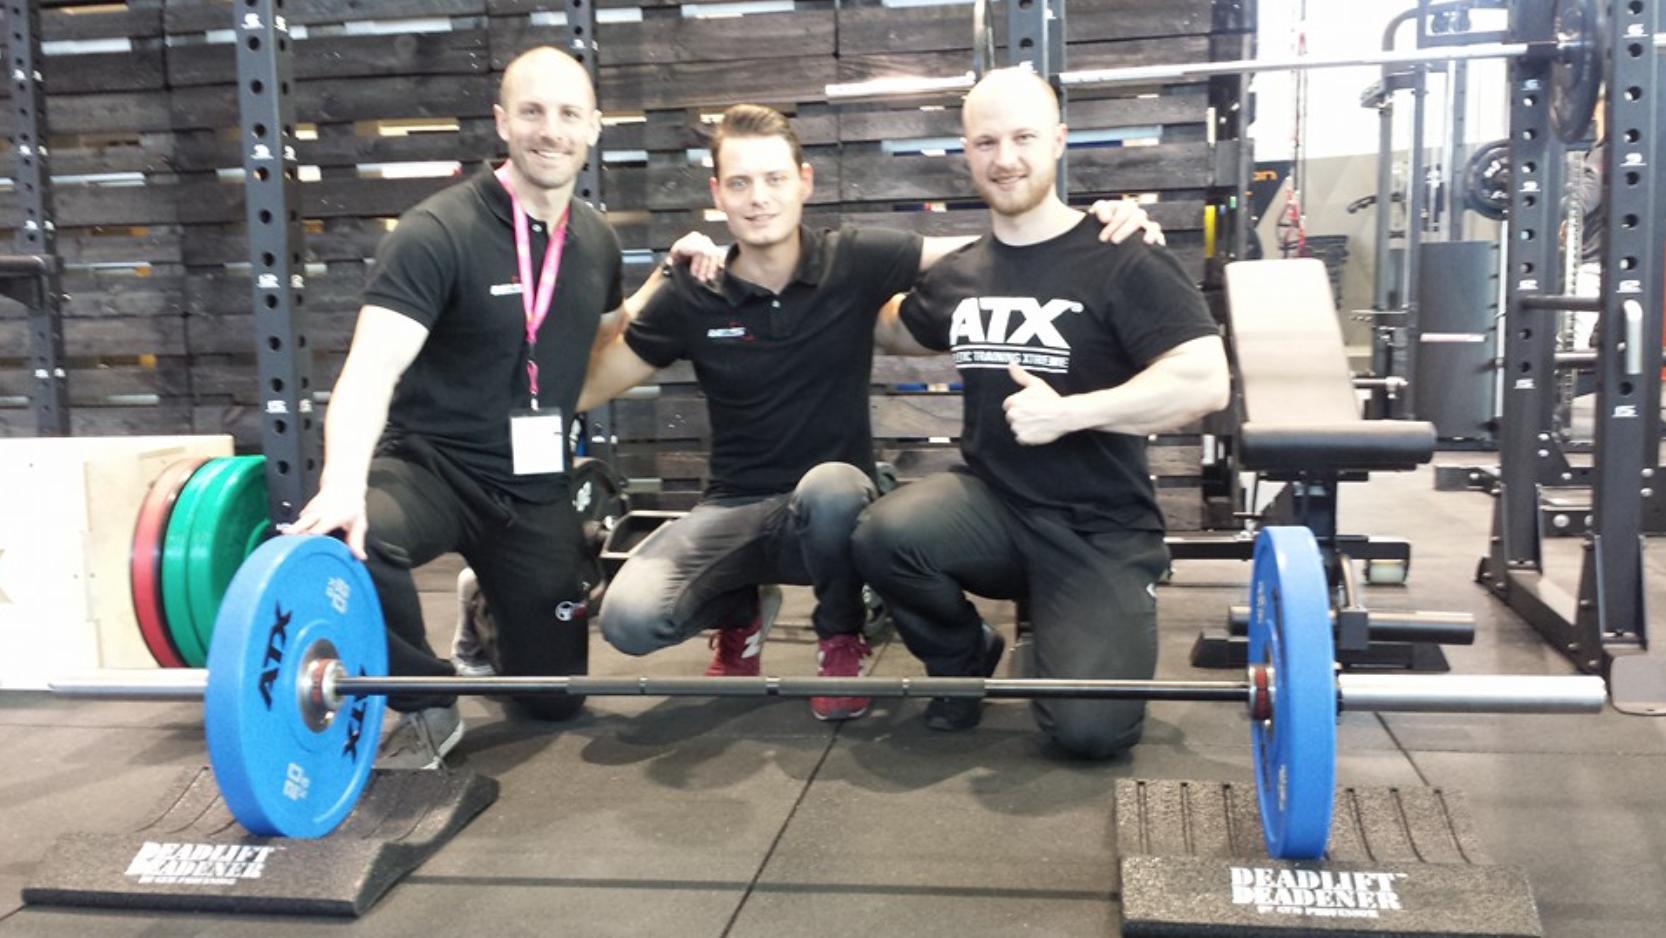 """FIBO 2016, mit Matt """"Gym Professor"""" Beibringe und Marvin Jeunessen von """"Fitness Seller"""". Im Bild die Sumo Bar von ATX und die Deadlift Deadener 500."""